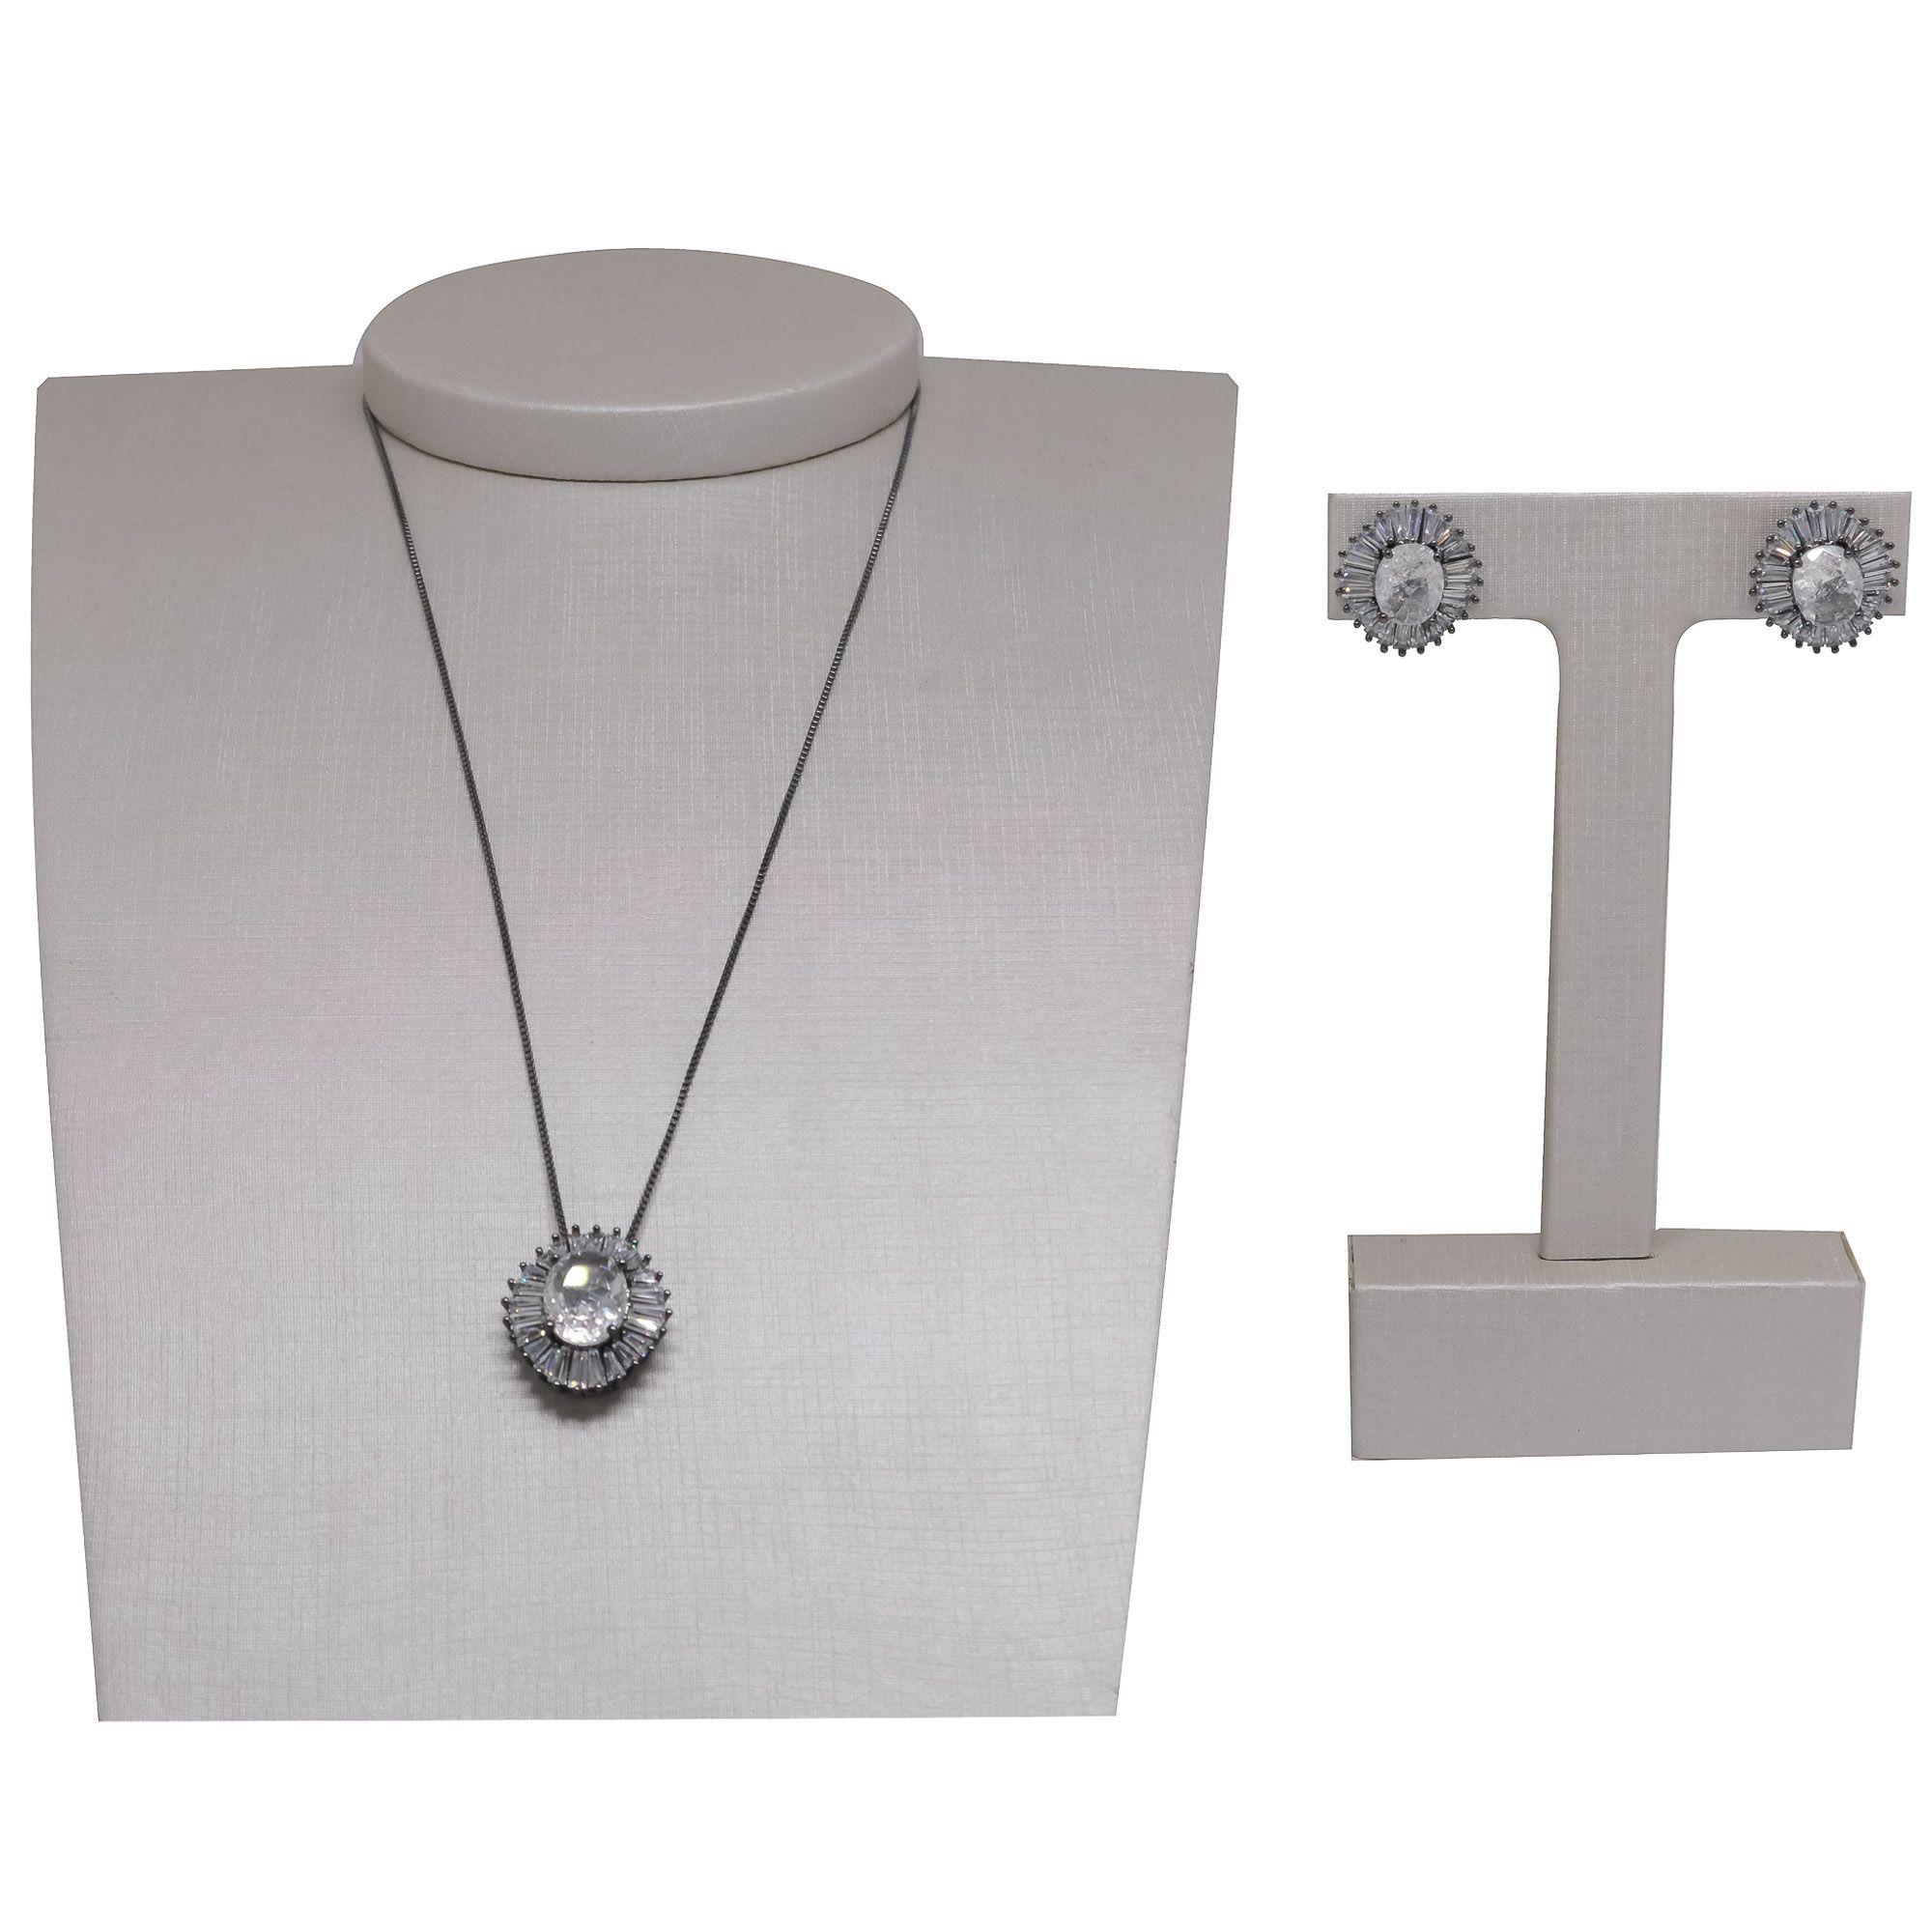 Conjunto Semi joia brinco e colar  oval com zircônias Baguette banhado a ouro 18k ou rhodium